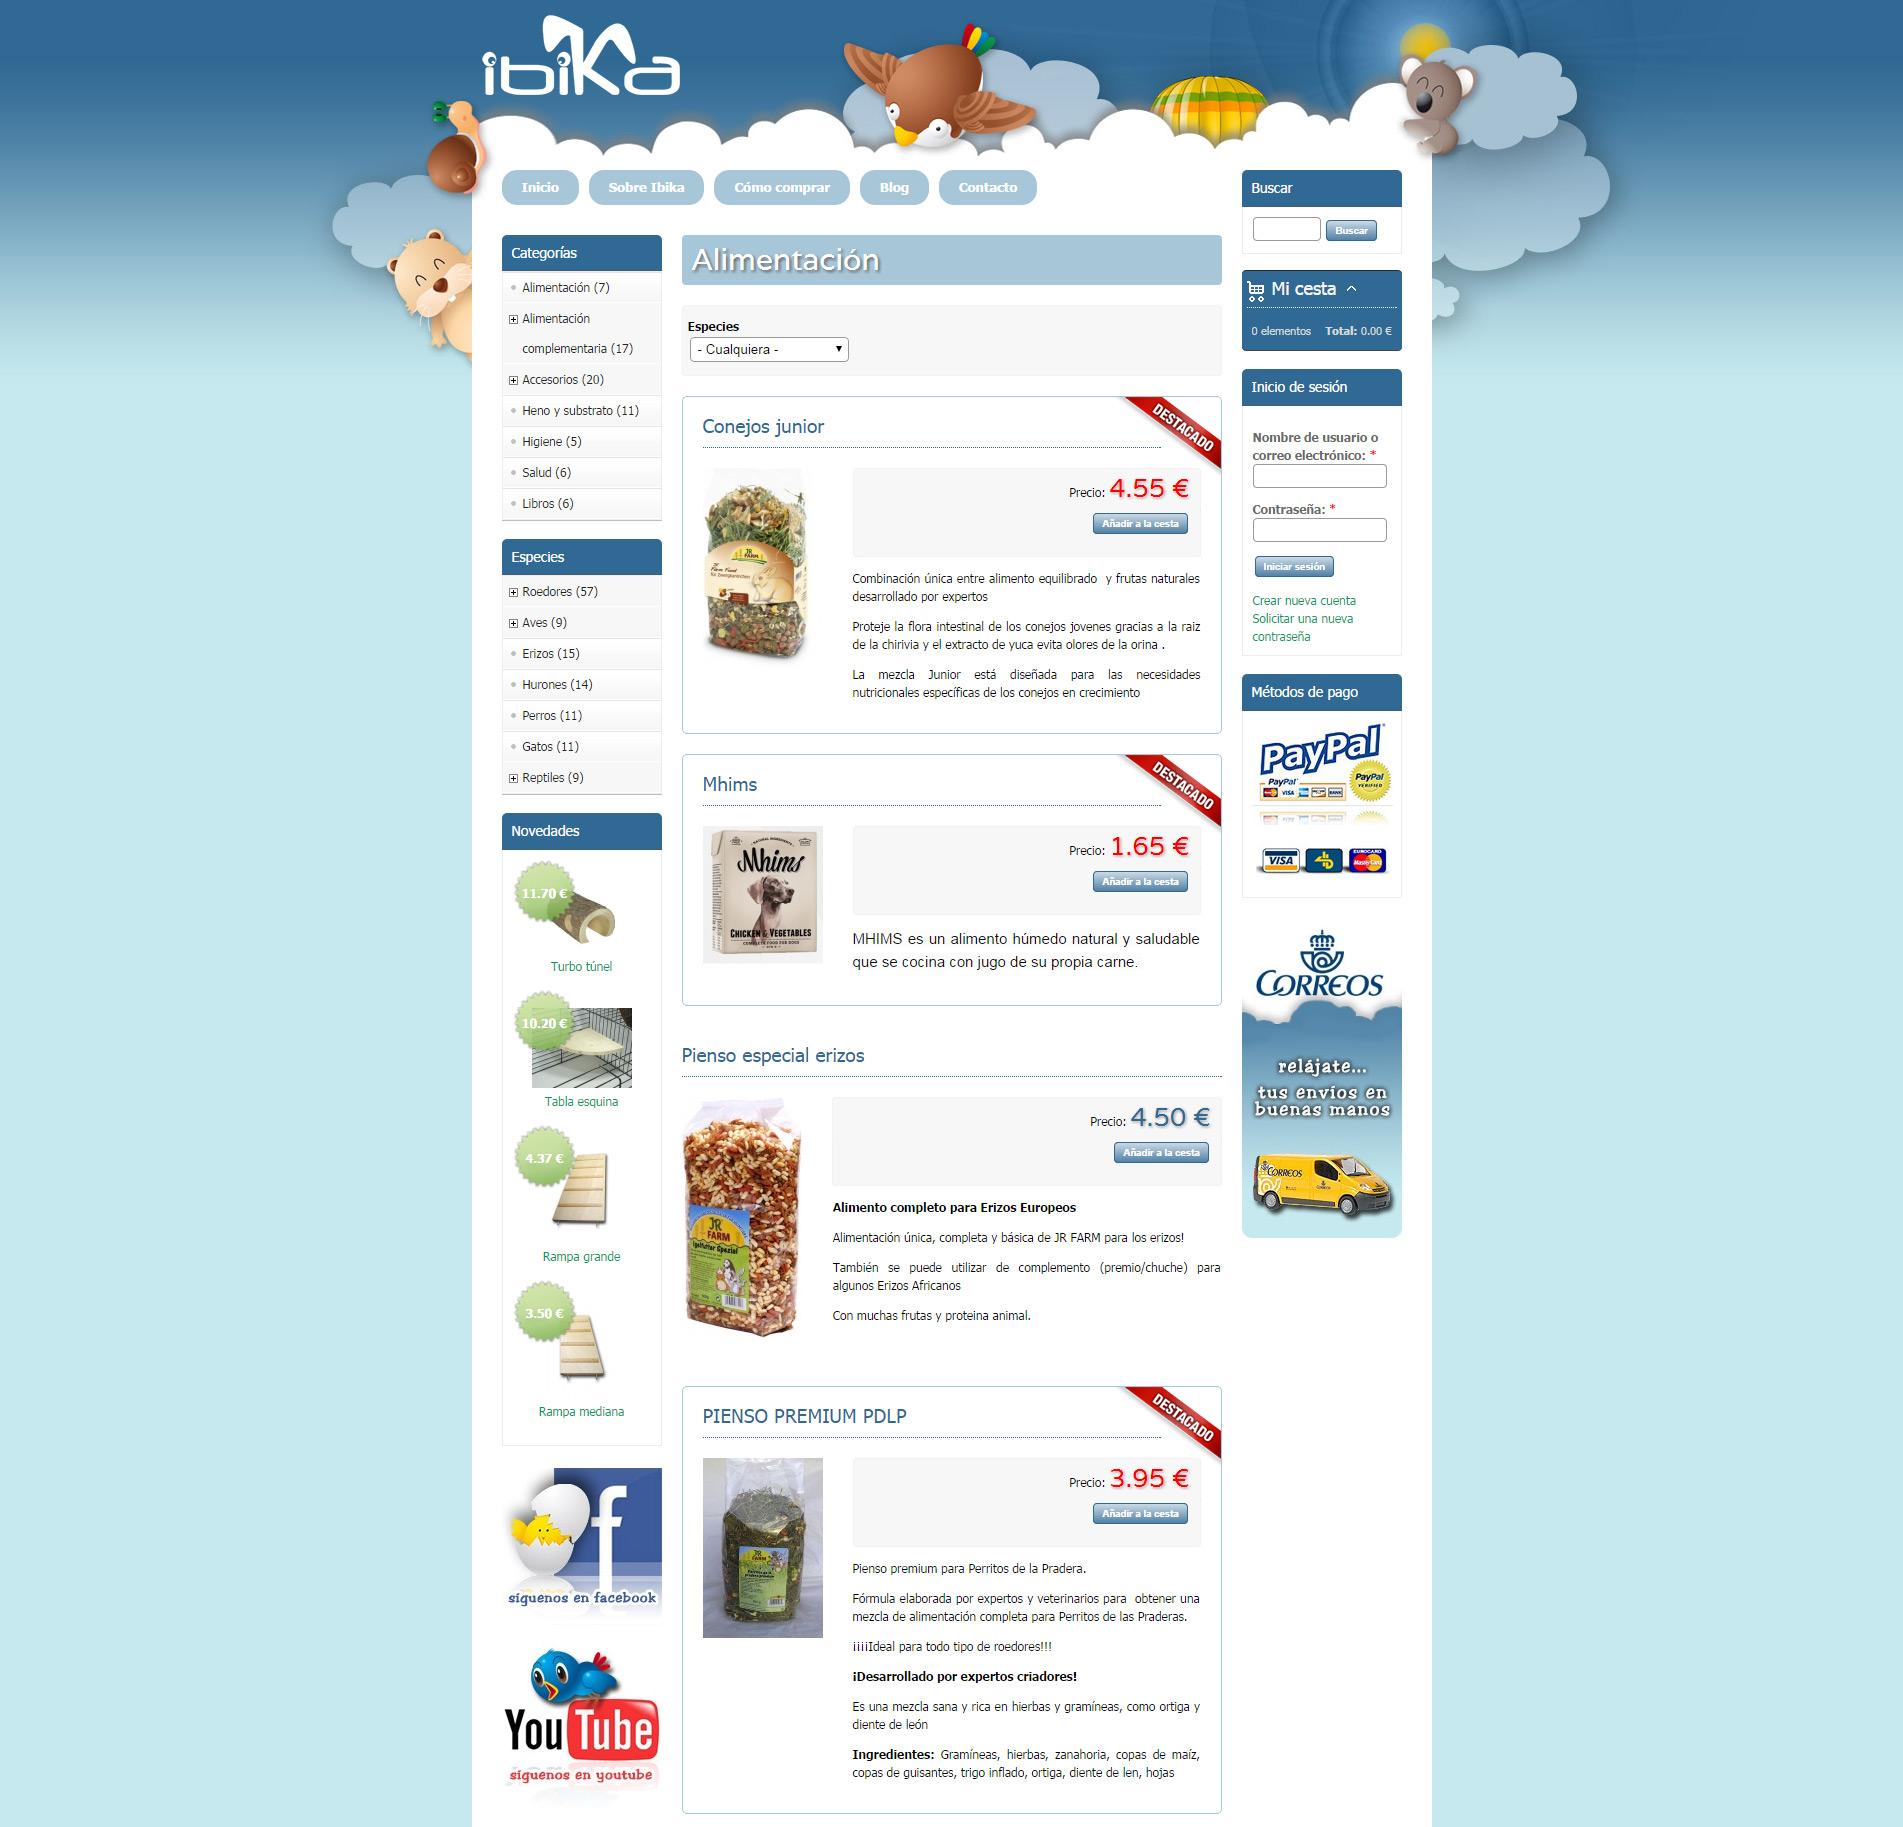 Ibika | Productos